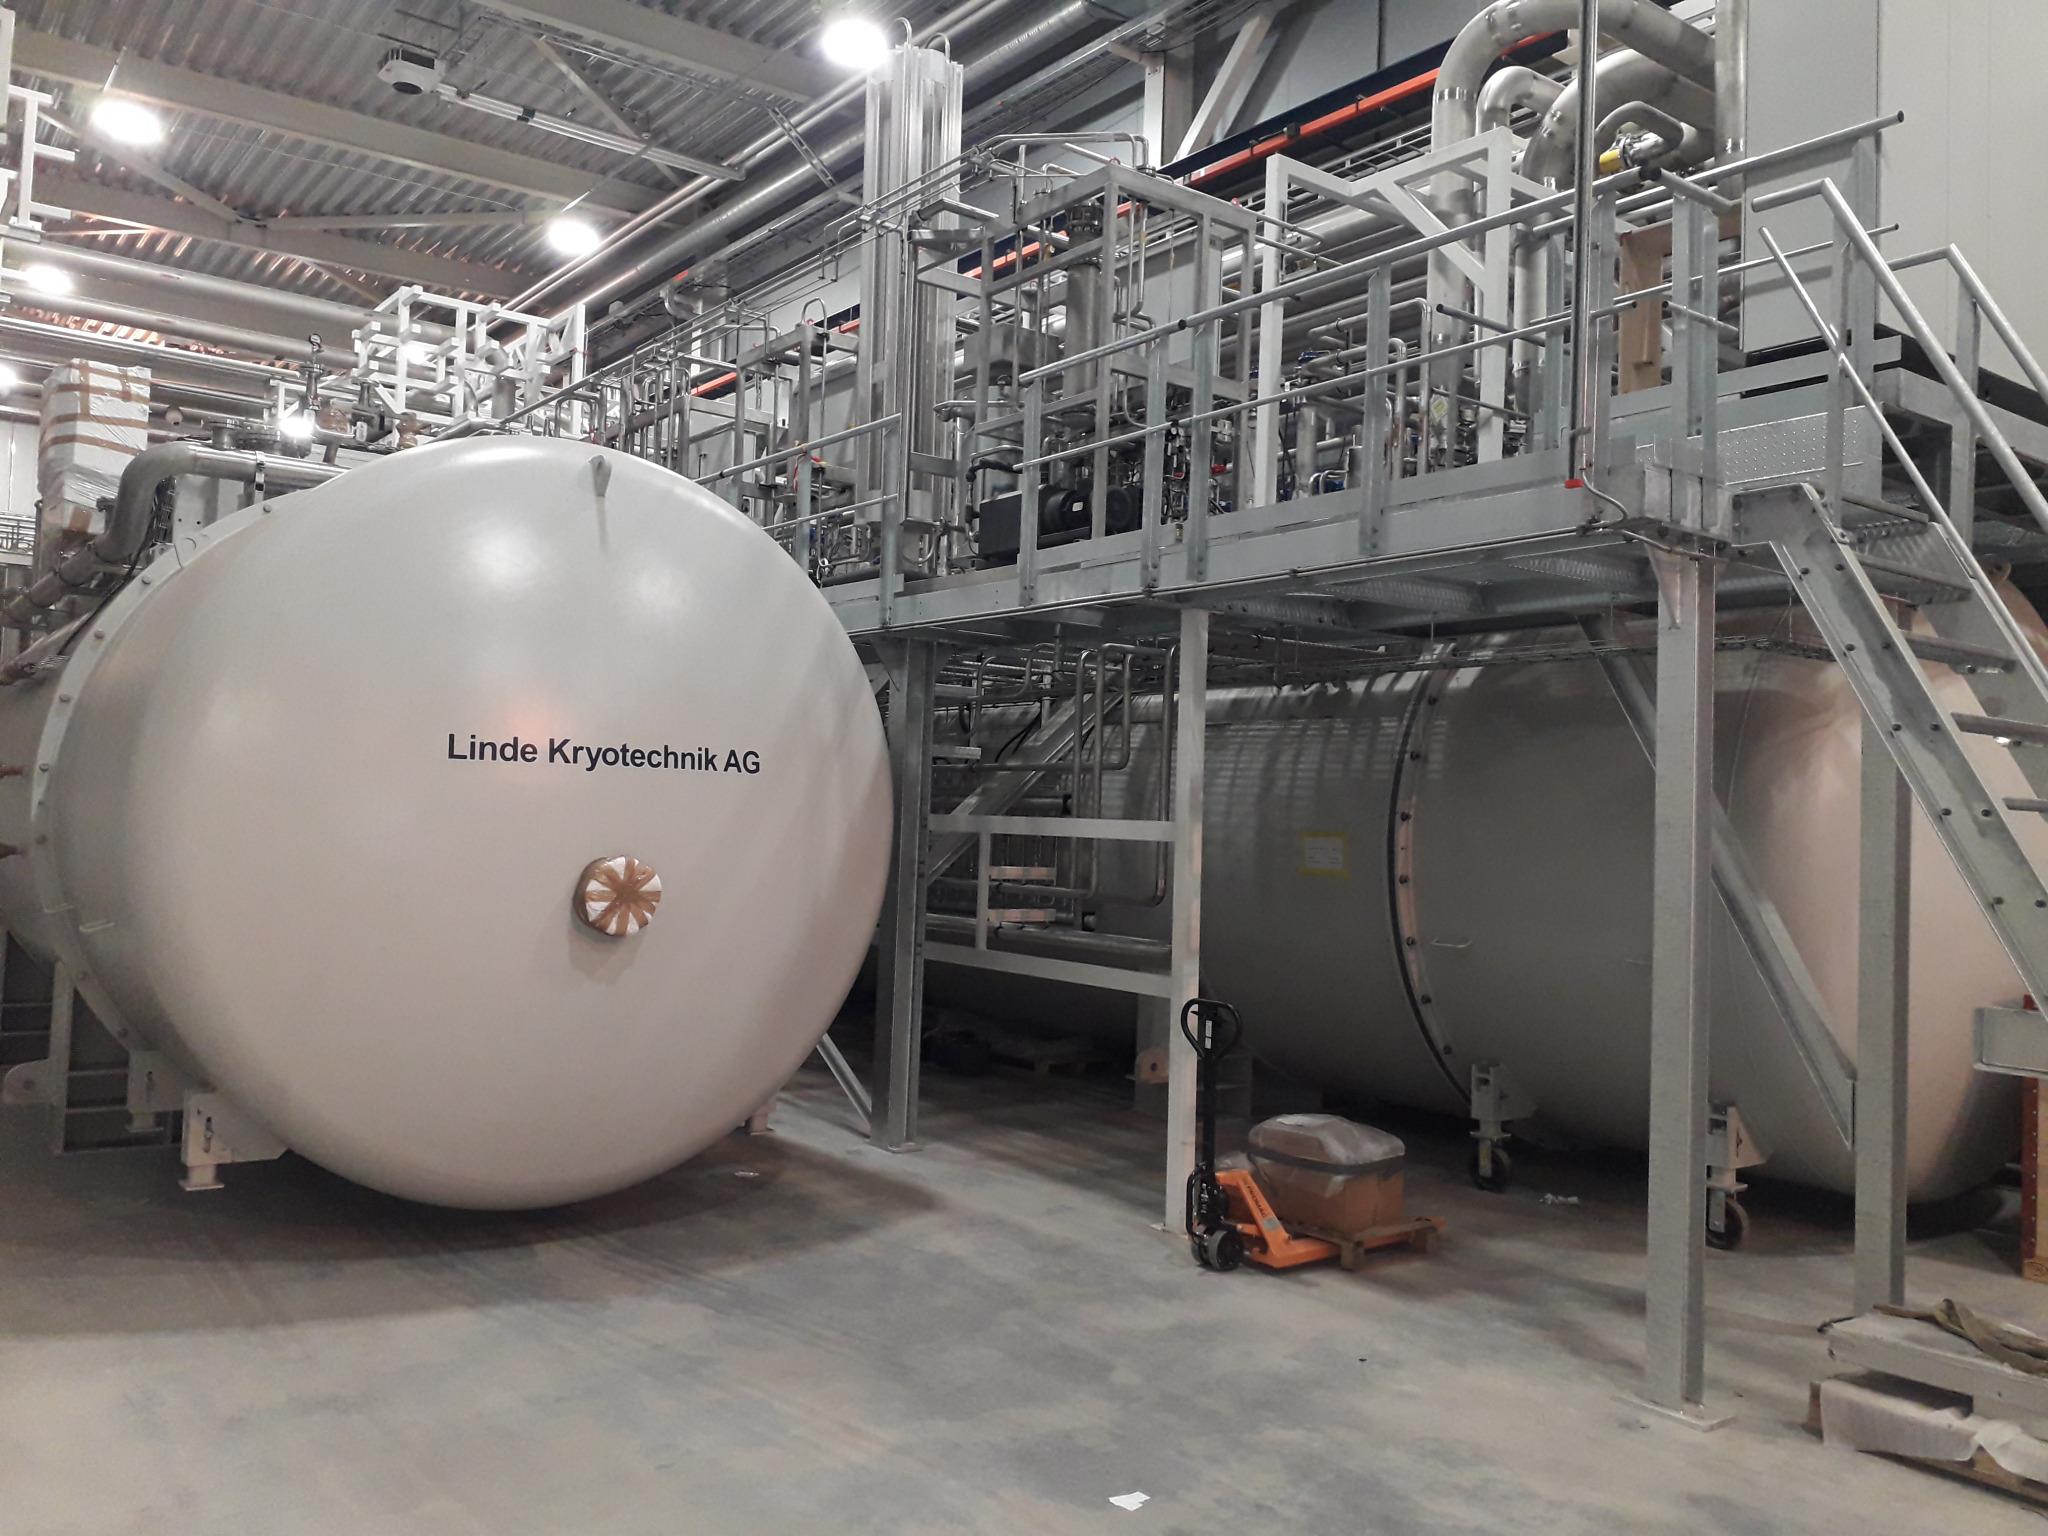 Nach über einem Tag Arbeit erreicht die TMCP ihren Platz in der Halle neben ihrer Schwester der Beschleuniger-Kryoanlage (Accelerator Cryogenic Plant ACCP). Die Installation und Einrichtung des gesamten Kühlsystems wird noch Monate bis zu einem Jahr dauern. (Credit: Ole Øystein Bakke/ESS)